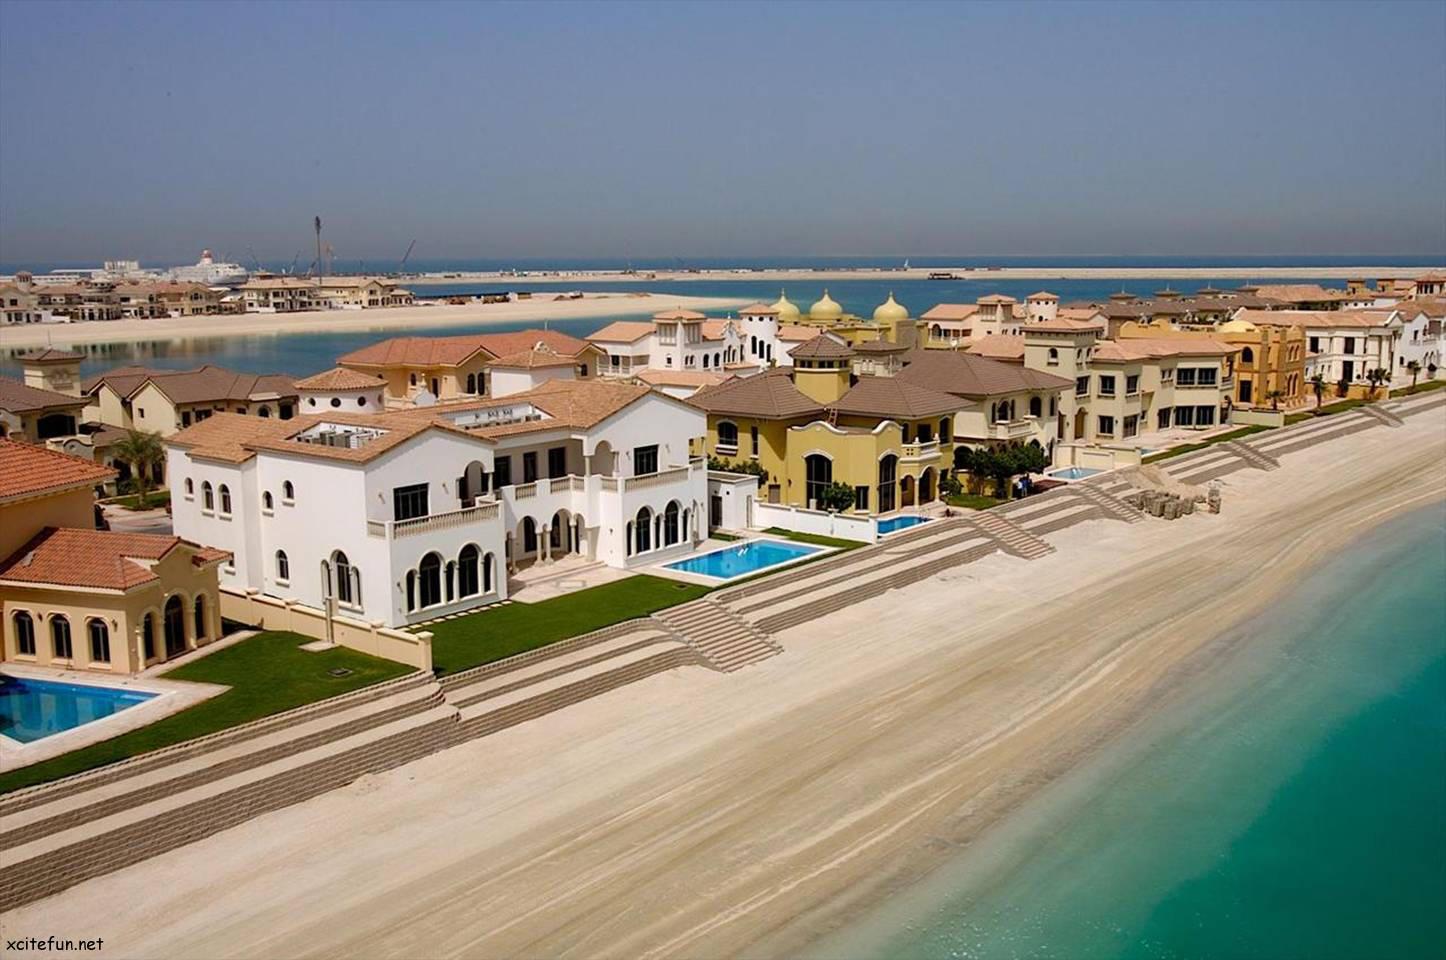 1001places Palm Jumeirah Dubai Latest Pictures Part 1